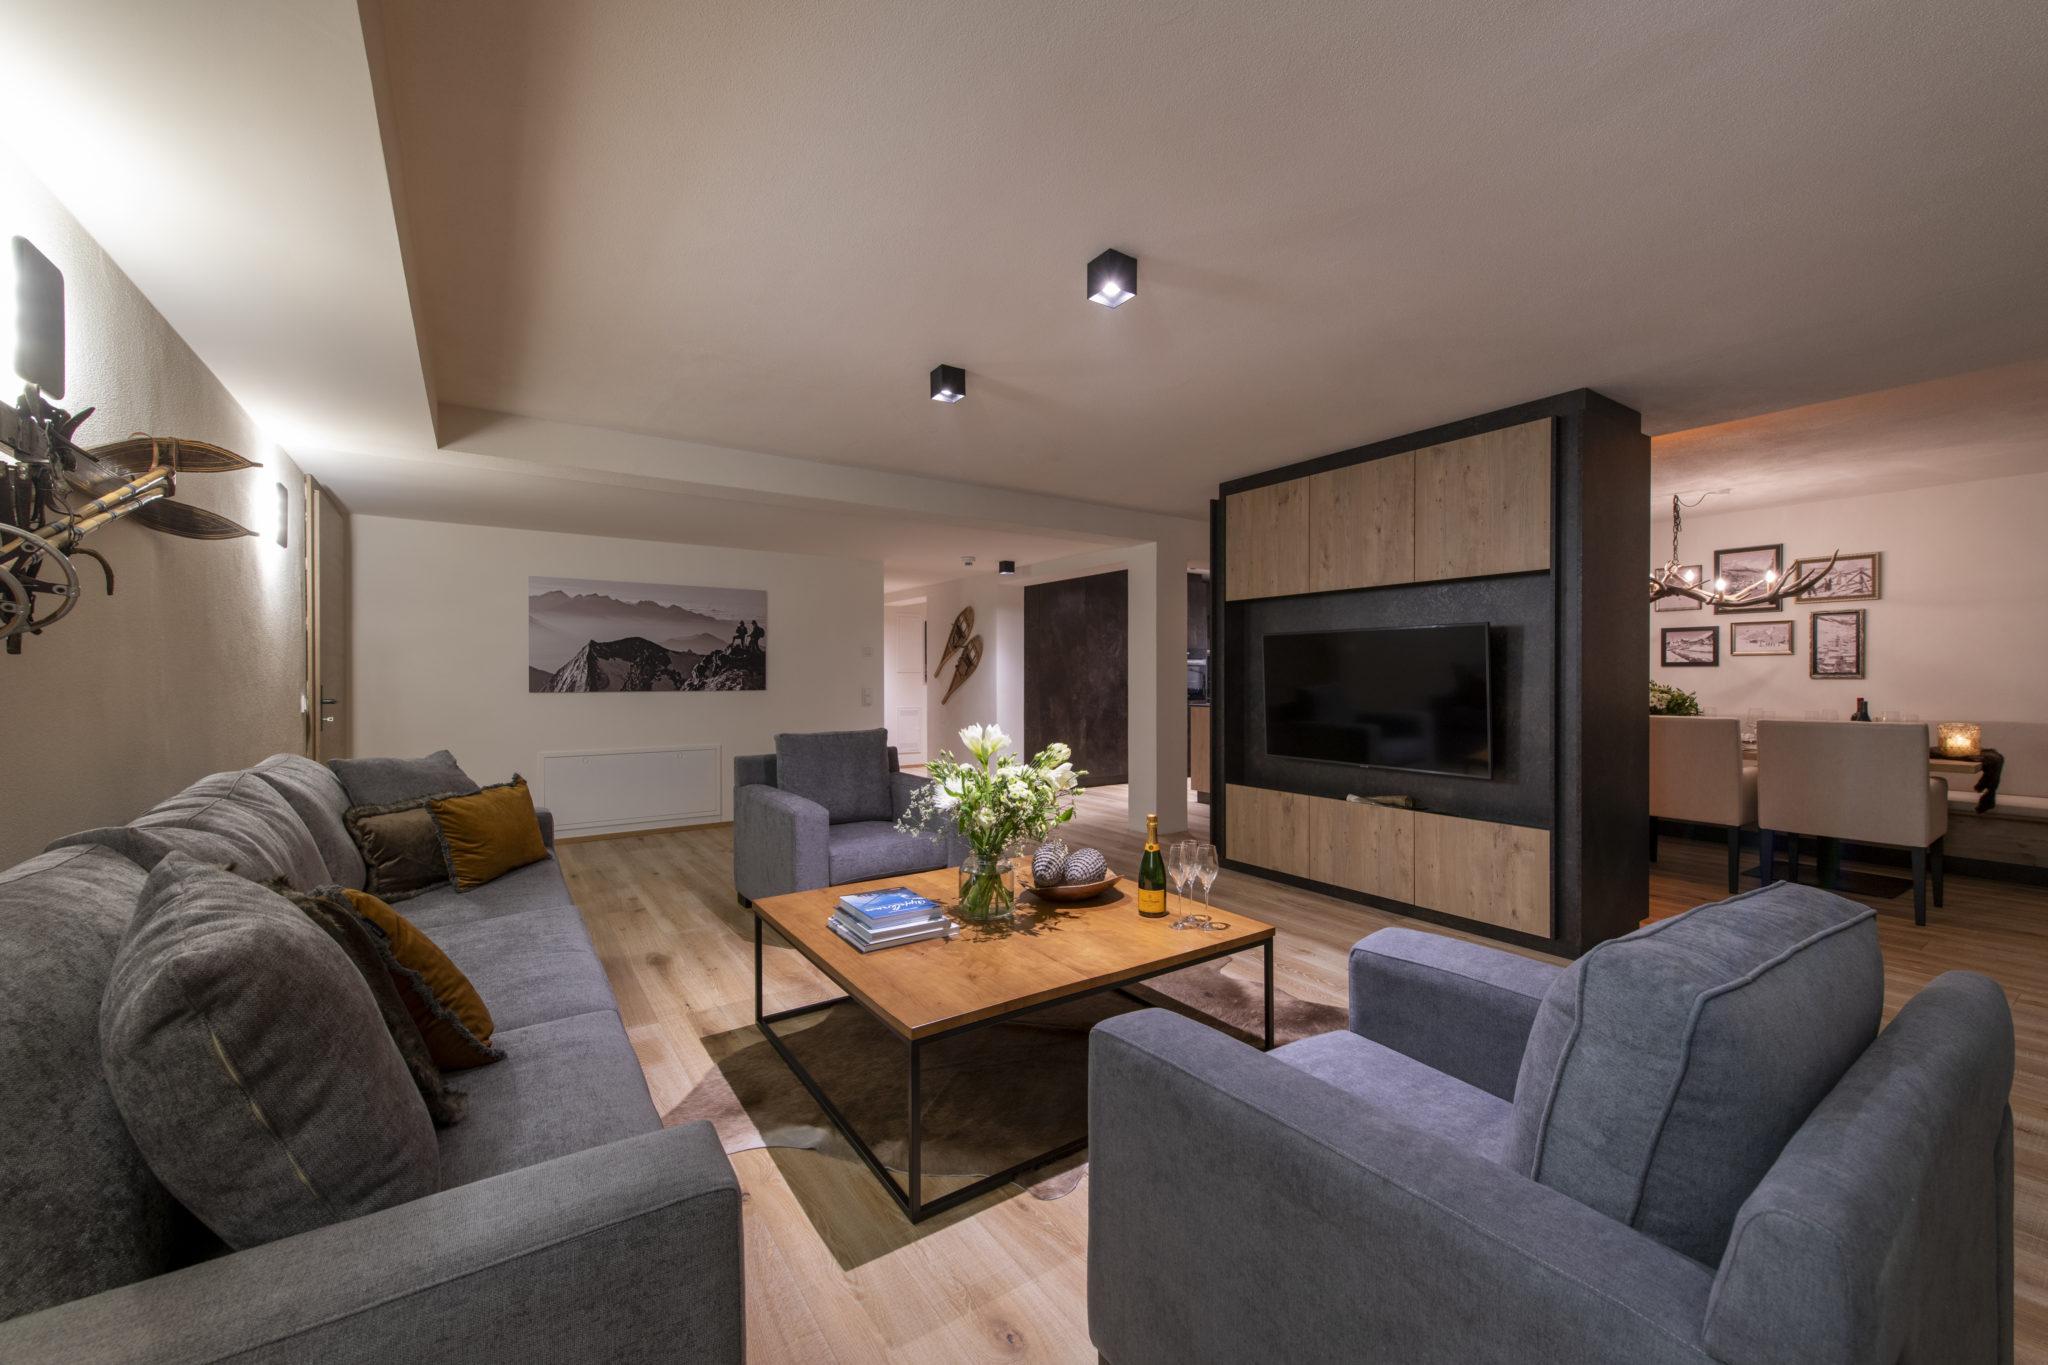 brunnenhof-3-11306-scaled